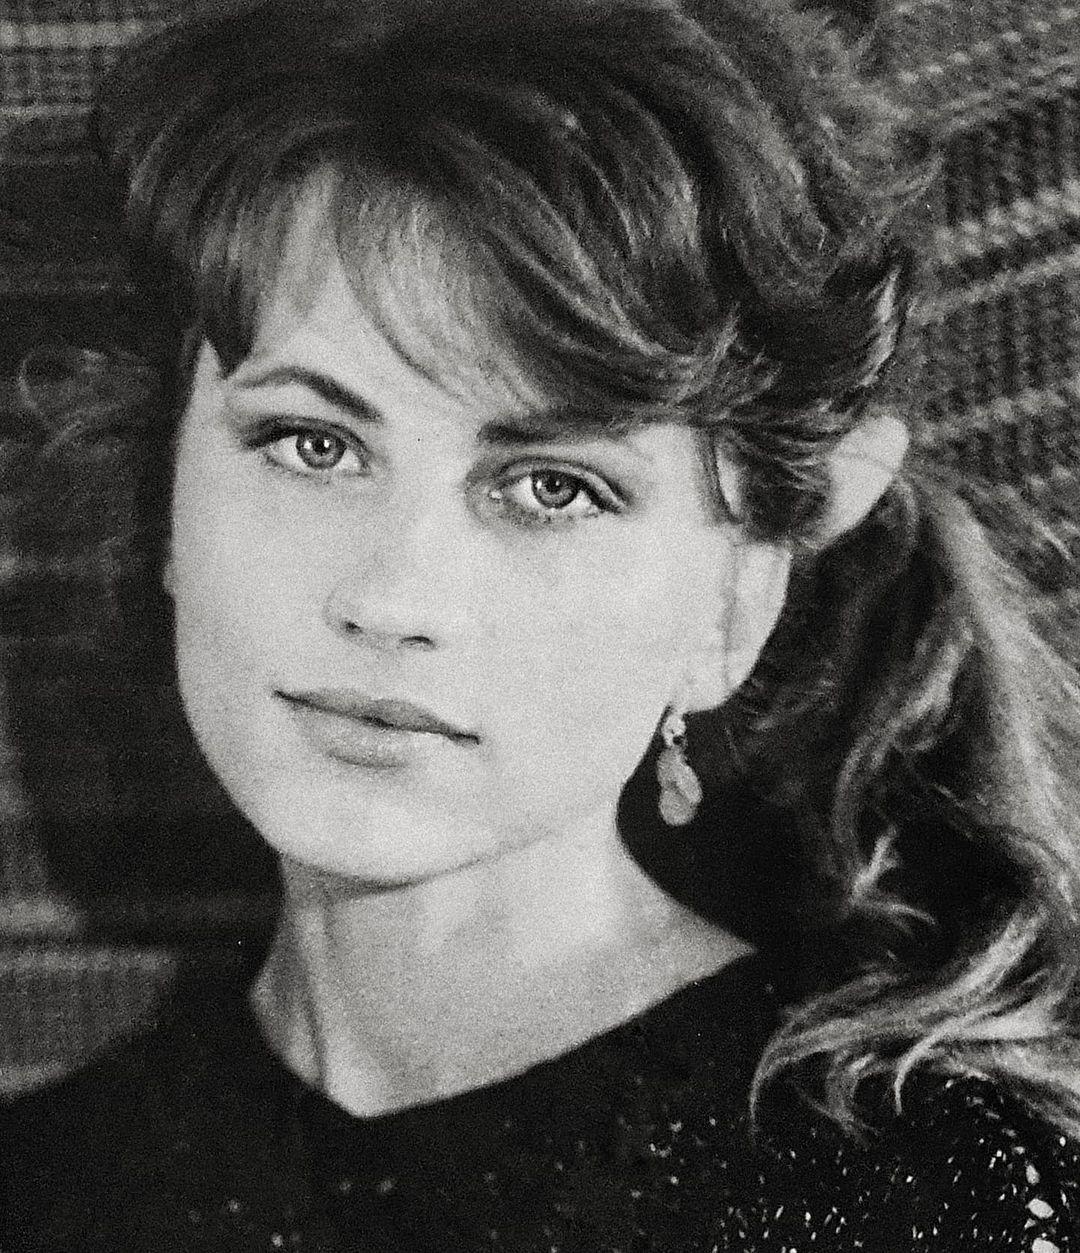 Солистка группы «Reflex» Ирина Нельсон показала свое фото 1995 года